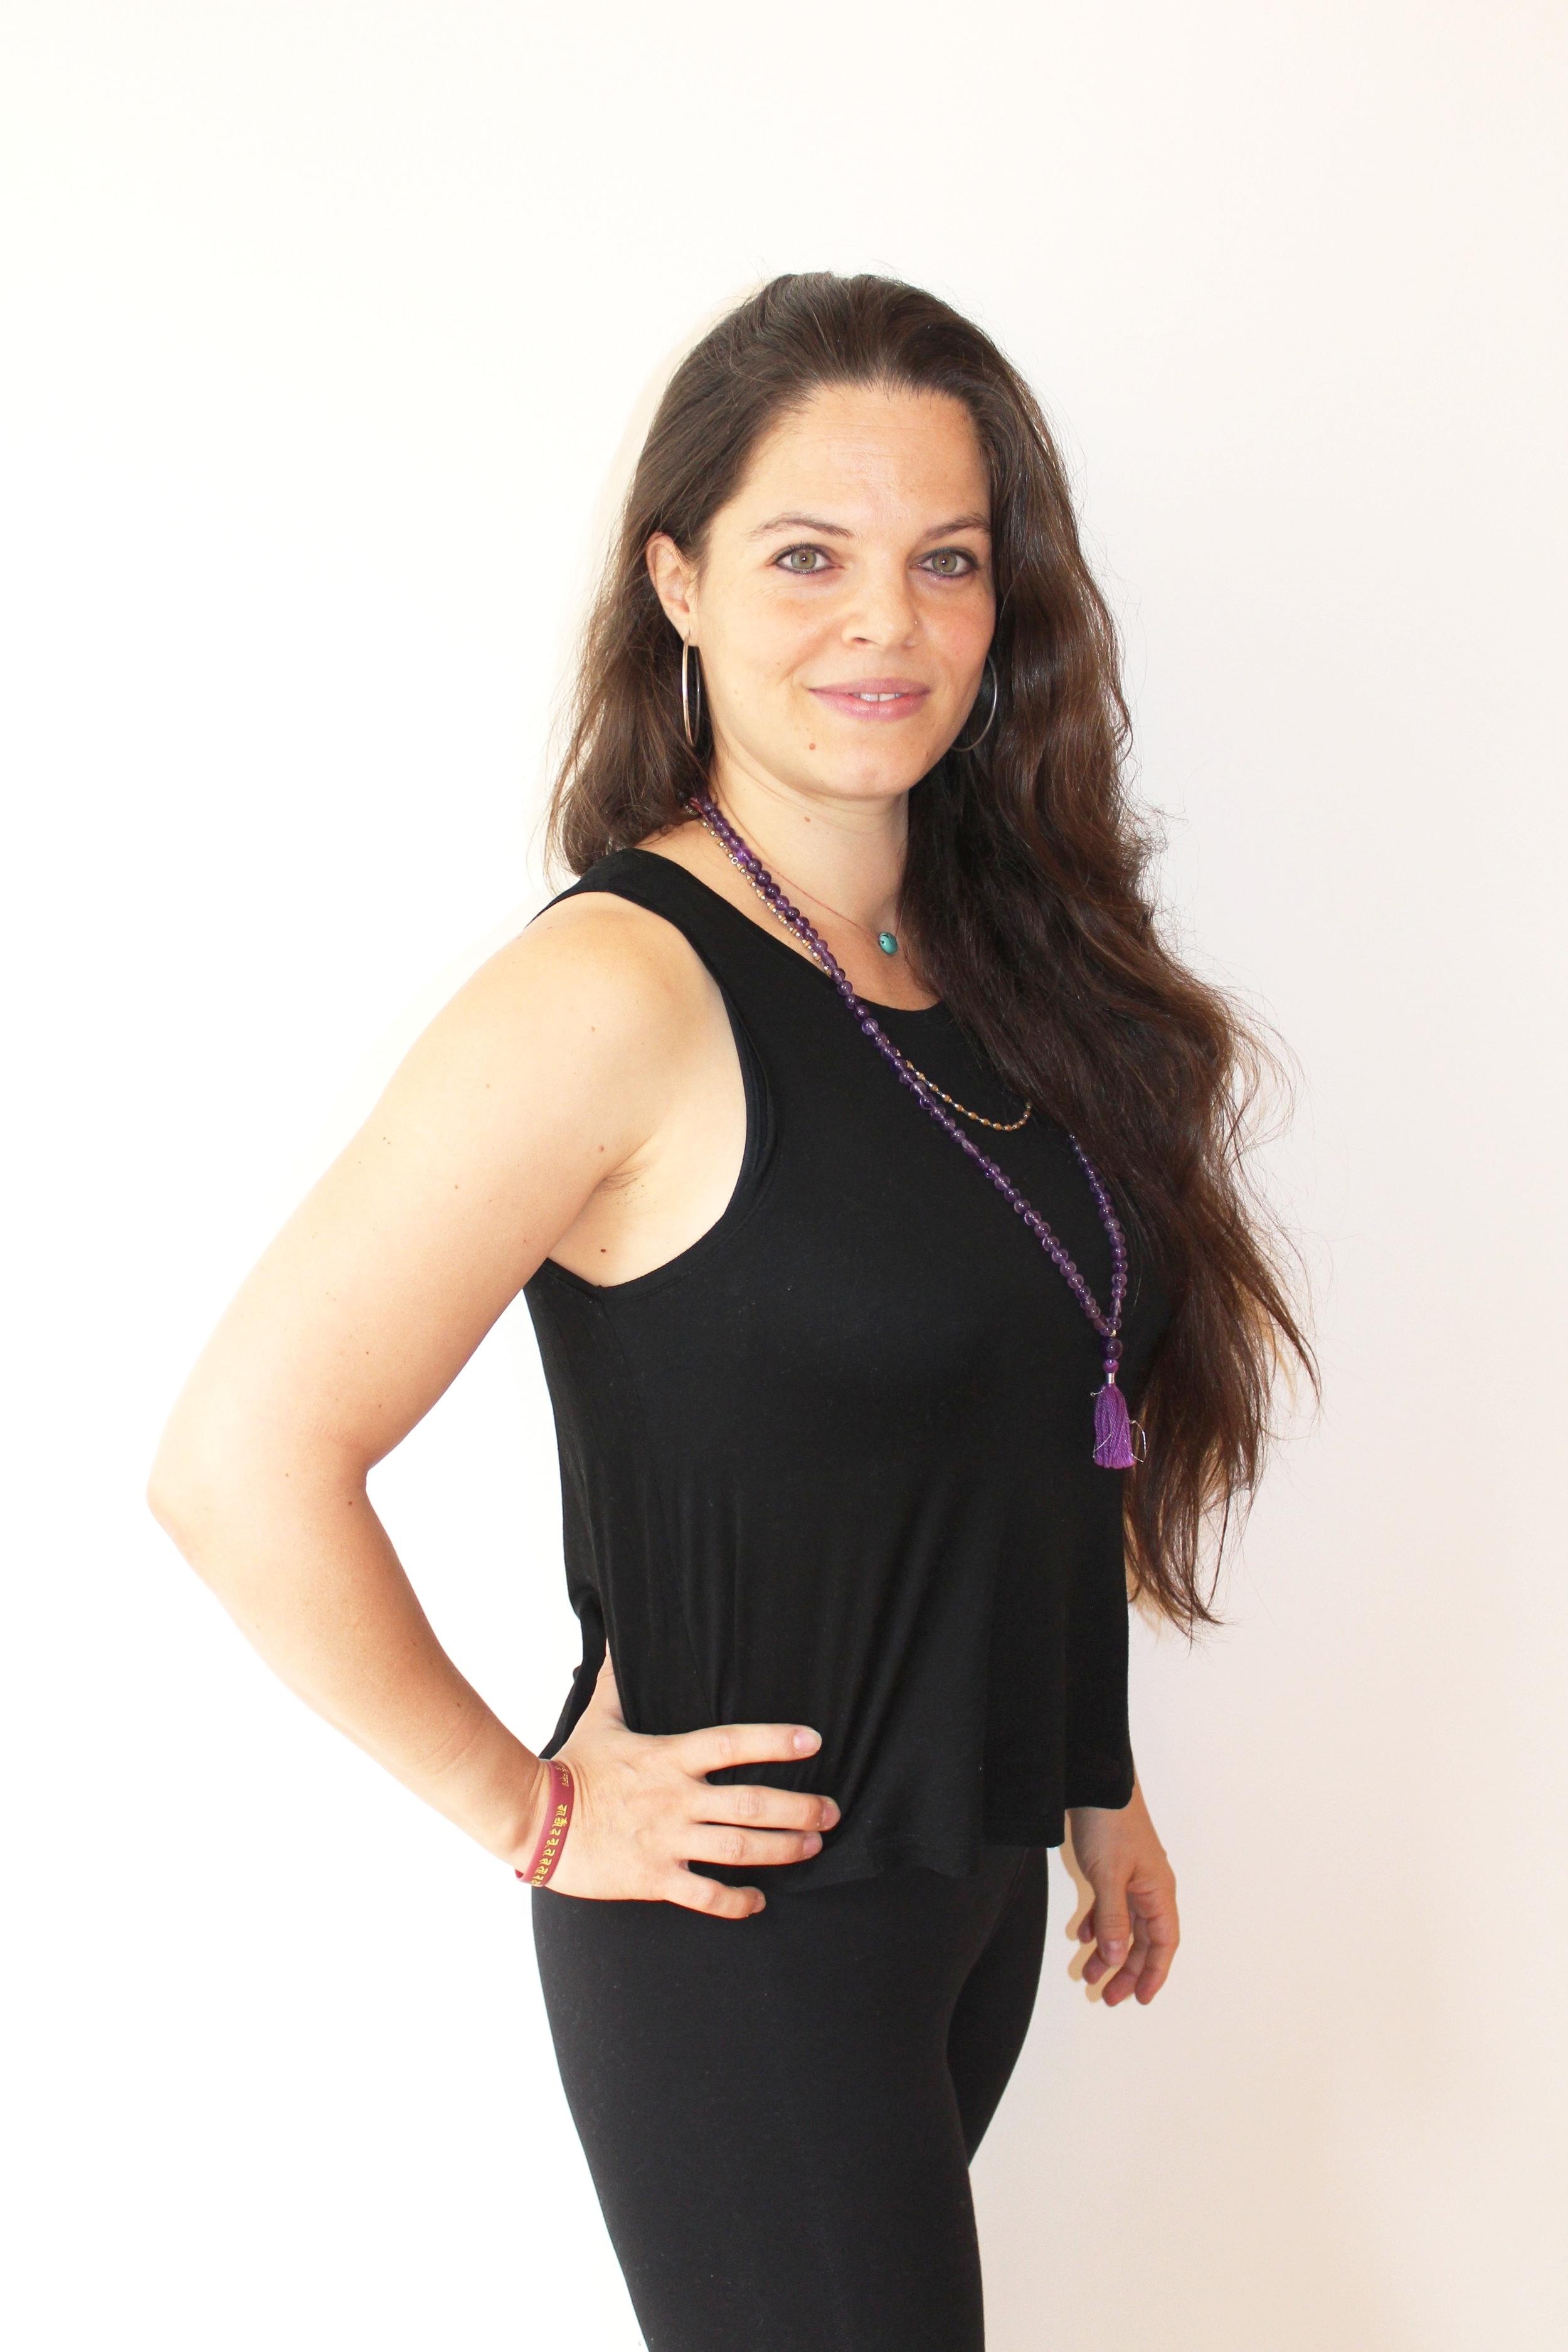 SOFIA - Sofia a découvert le yoga en 2007 à l'Atelier de yoga de Jean Lechim, à Lausanne. Instantanément, ce fut le coup de foudre. Non seulement devait-elle tomber en amour pour le Hatha yoga mais aussi pour la méditation. La boîte de pandore était ouverte pour ne plus se refermer. Elle a ainsi continué à approfondir tant sa pratique de yoga que sa pratique méditative au fil des ans, en parallèle à l'exercice du métier d'avocate. Malgré une vie matériellement bien remplie, elle se sentait profondément insatisfaite. Comme un sentiment de s'assécher de l'intérieur. C'est pourquoi, en 2013, elle pris la décision radicale de cesser cette activité professionnelle et est partie pour l'Asie, pour un périple qui la mènera en Inde, au Népal, au Tibet… Ayant posé ses bagages dans l'Himalaya durant quatre ans, elle est à présent de retour en Suisse riche en enseignement issus de l'Advaita Vedanta, d'en enseignements et pratiques bouddhistes reçus notamment auprès de maîtres bouddhistes tibétains, mais aussi d'expériences yoguiques . Sofia s'est en effet consacrée à l'étude et la pratique du yoga et a conclu un yoga teacher training intensif de hatha (ashtanga) yoga de 500 heures à Chennai, dans le sud de l'Inde, auprès de l'Asana Andiappan College of Yoga and Research Center (reconnu par Yoga Alliance). En parallèle, elle s'est aussi formée à l'Ayurveda et à la Yoga thérapie, également avec un training de 500 heures au même endroit ainsi qu'auprès de l'Ayurveda Sanctuary, dans le Kerala.Sofia est également une enseignante certifiée du programme